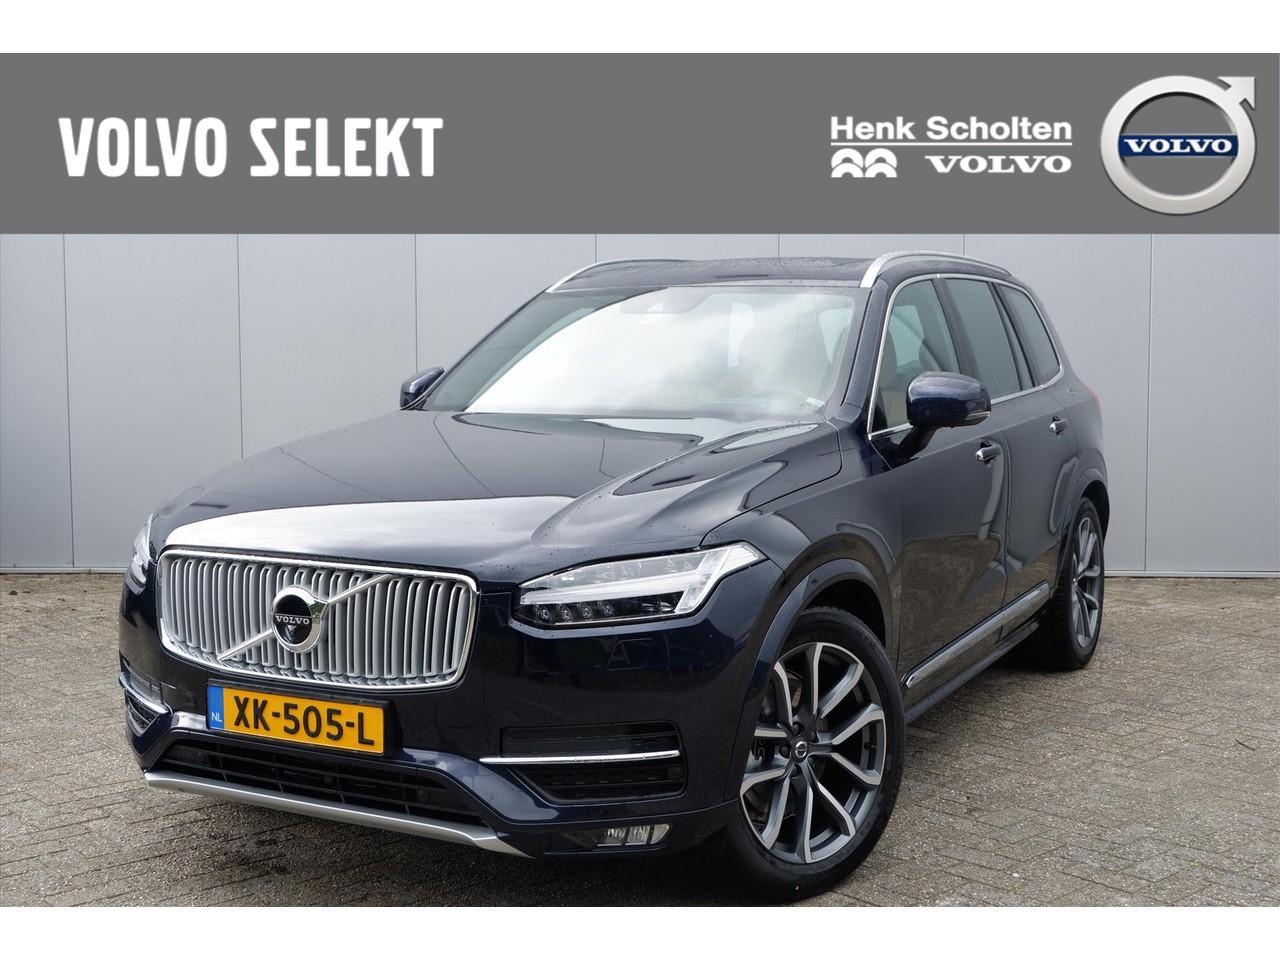 Volvo Xc90 T5awd 250pk aut8 7p inscription & more